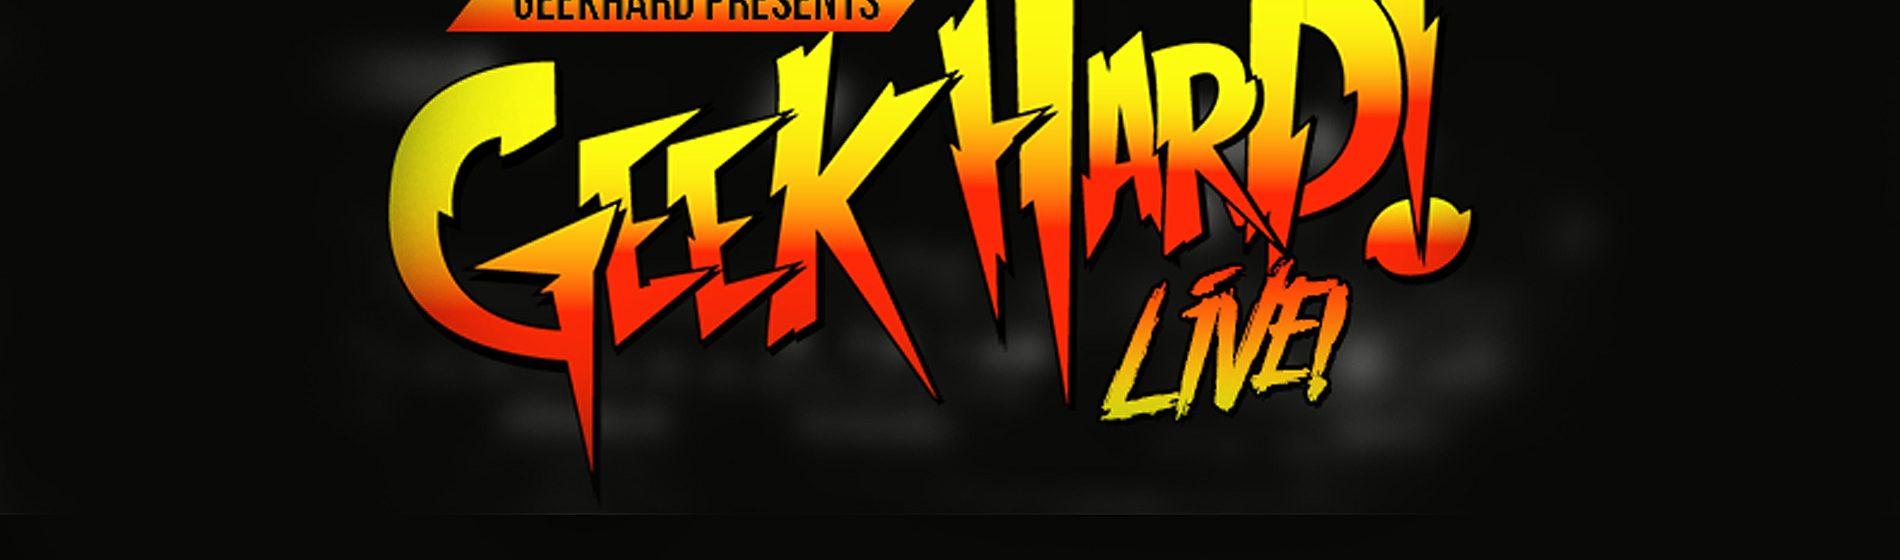 Geek Hard Live